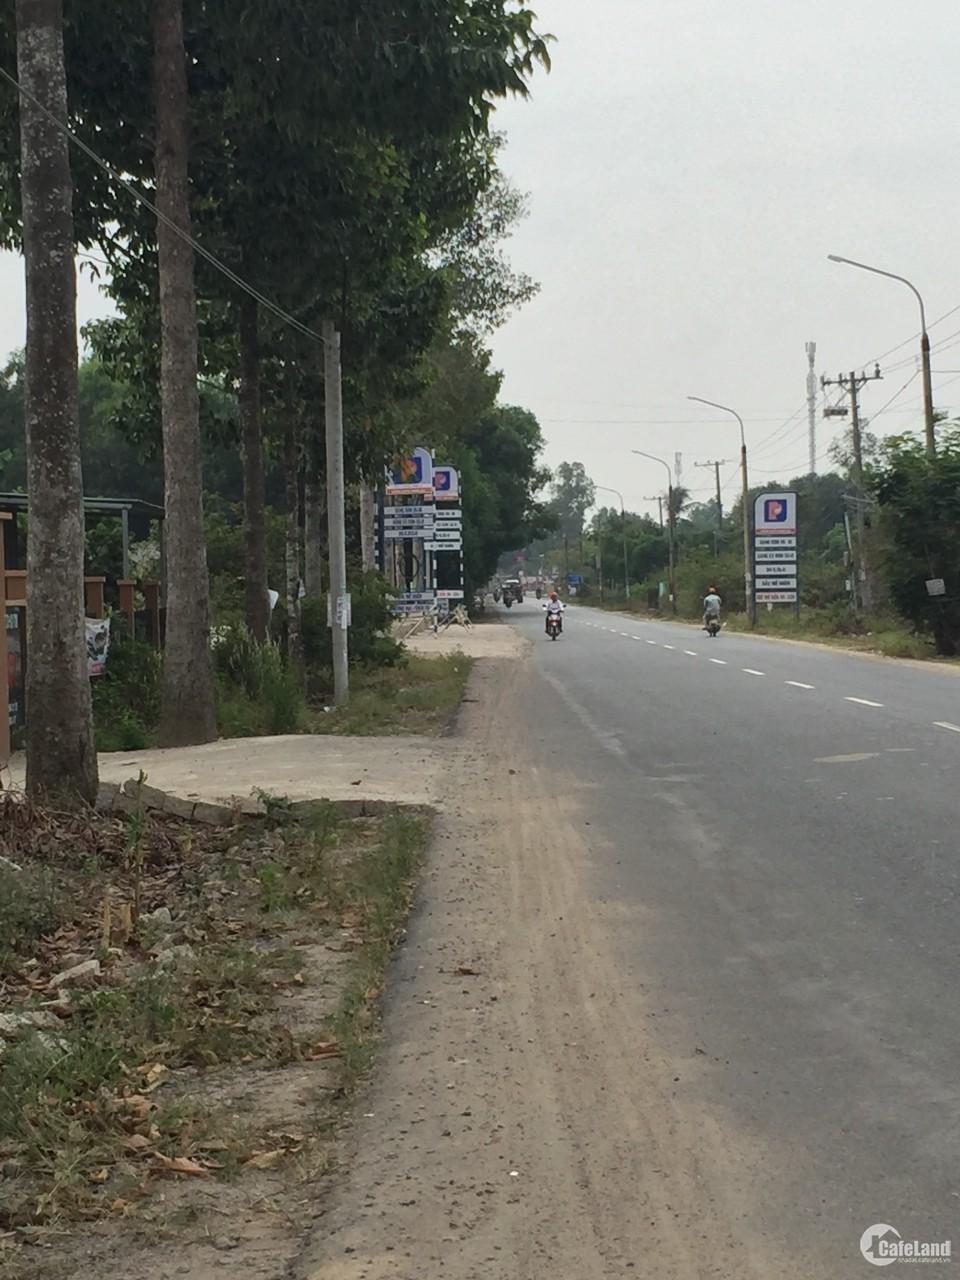 Bán đất tại Đường Châu Pha - Tóc Tiên, Phú Mỹ, Bà Rịa Vũng Tàu diện tích 500m2